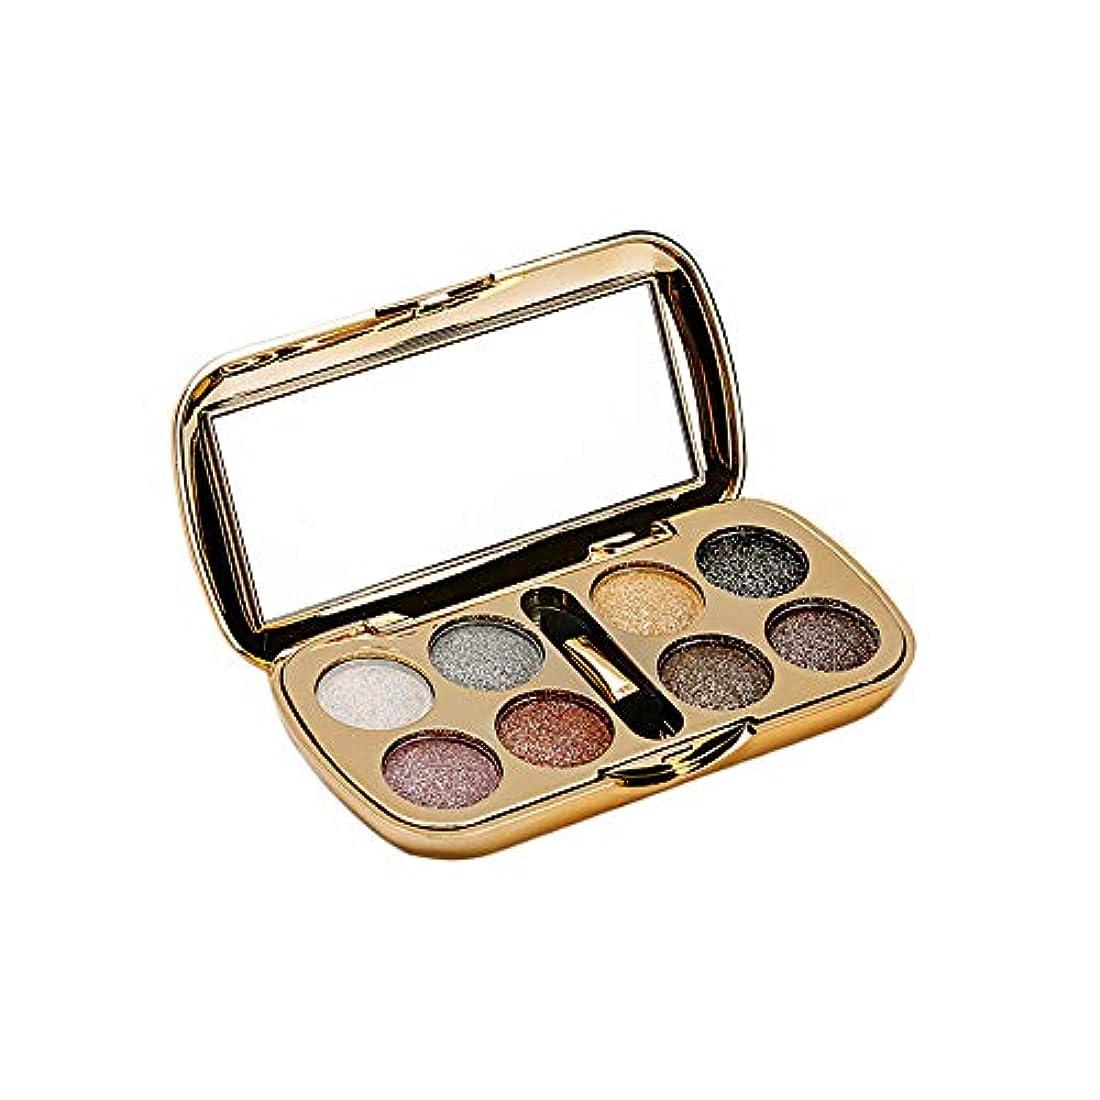 一過性お互いペッカディロAkane アイシャドウパレット Lameila 綺麗 魅力的 ファッション 人気 気質的 キラキラ ダイヤモンド チャーム 防水 長持ち おしゃれ 持ち便利 Eye Shadow (8色) 3551